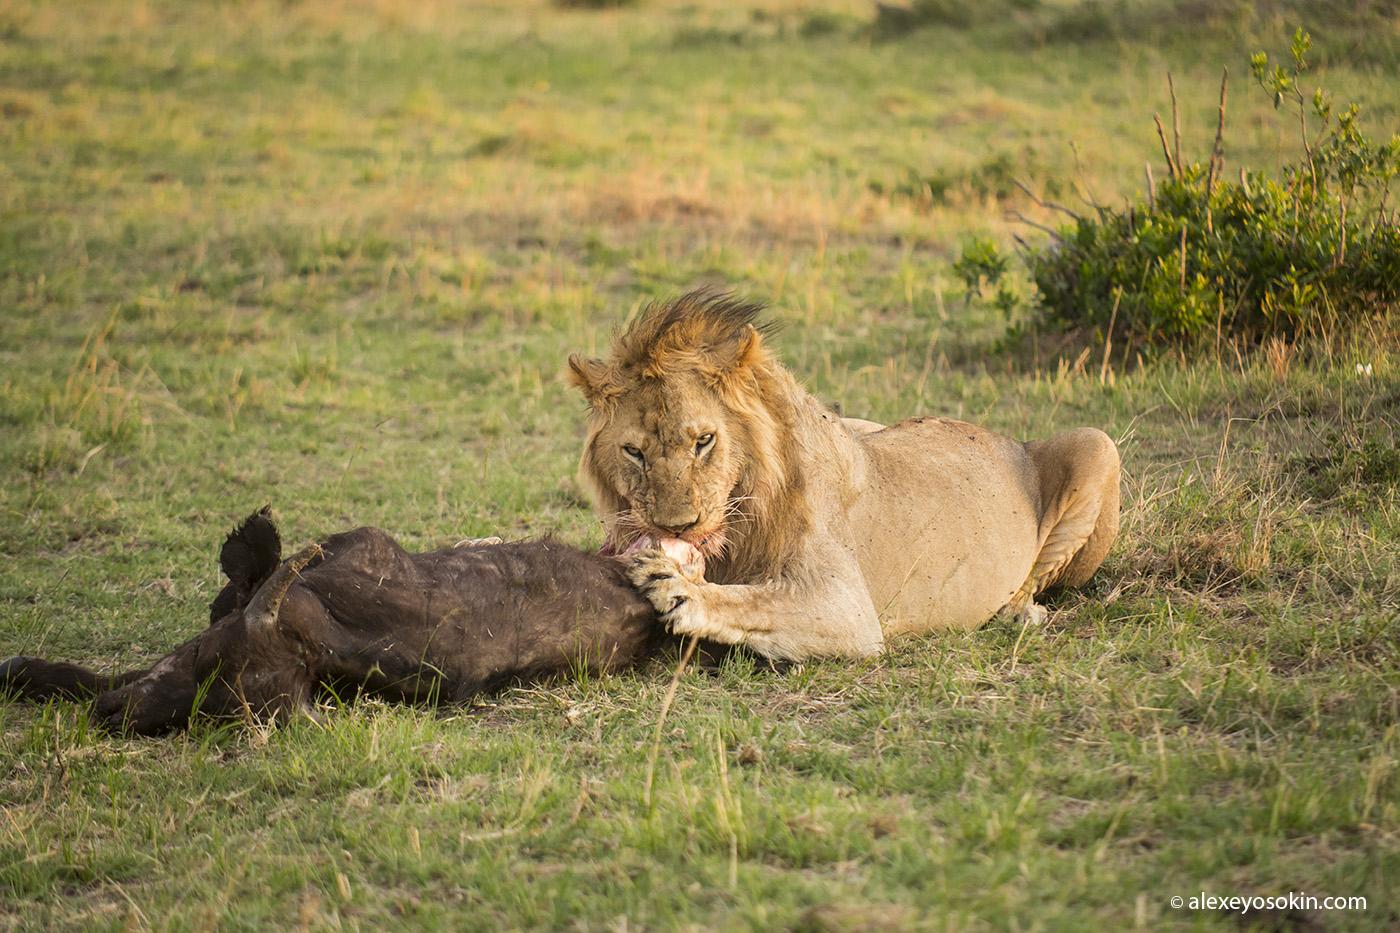 lions_brunch_02_ ao